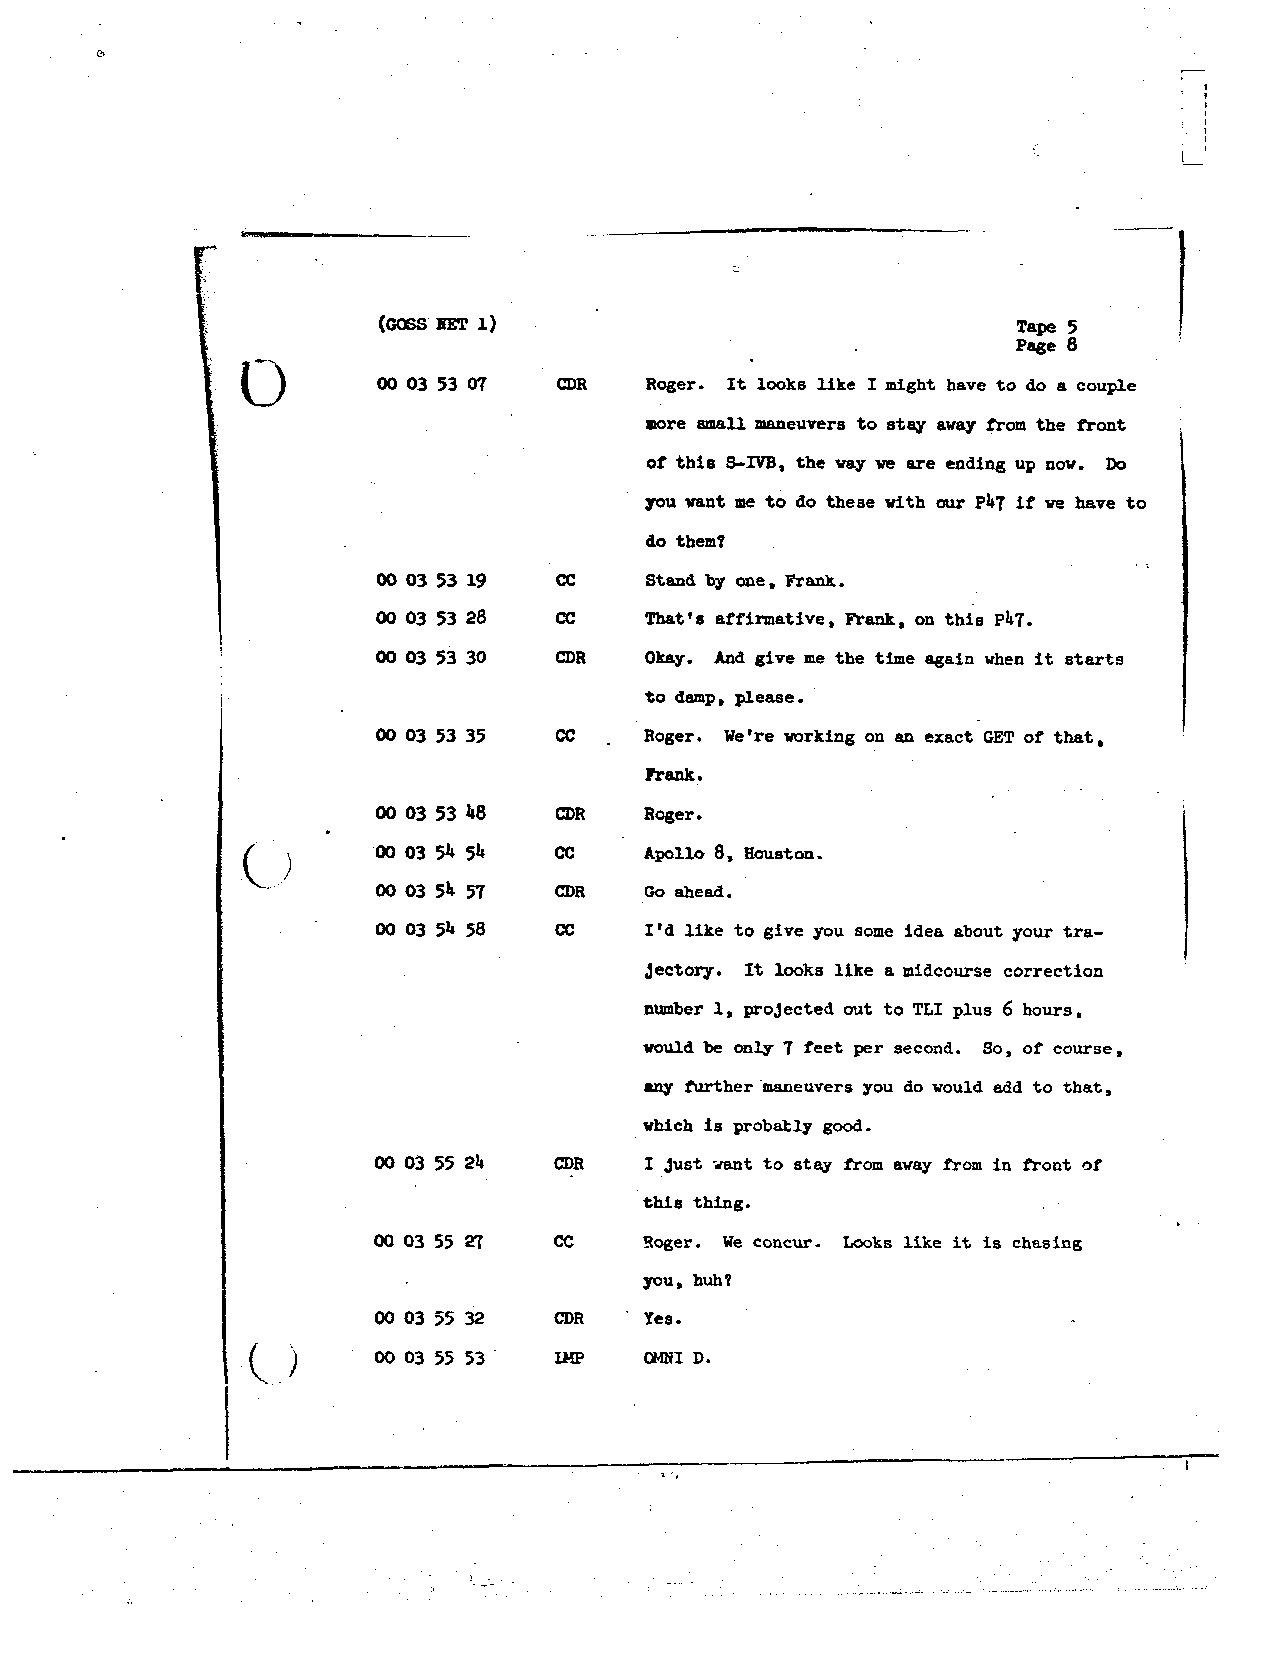 Page 34 of Apollo 8's original transcript